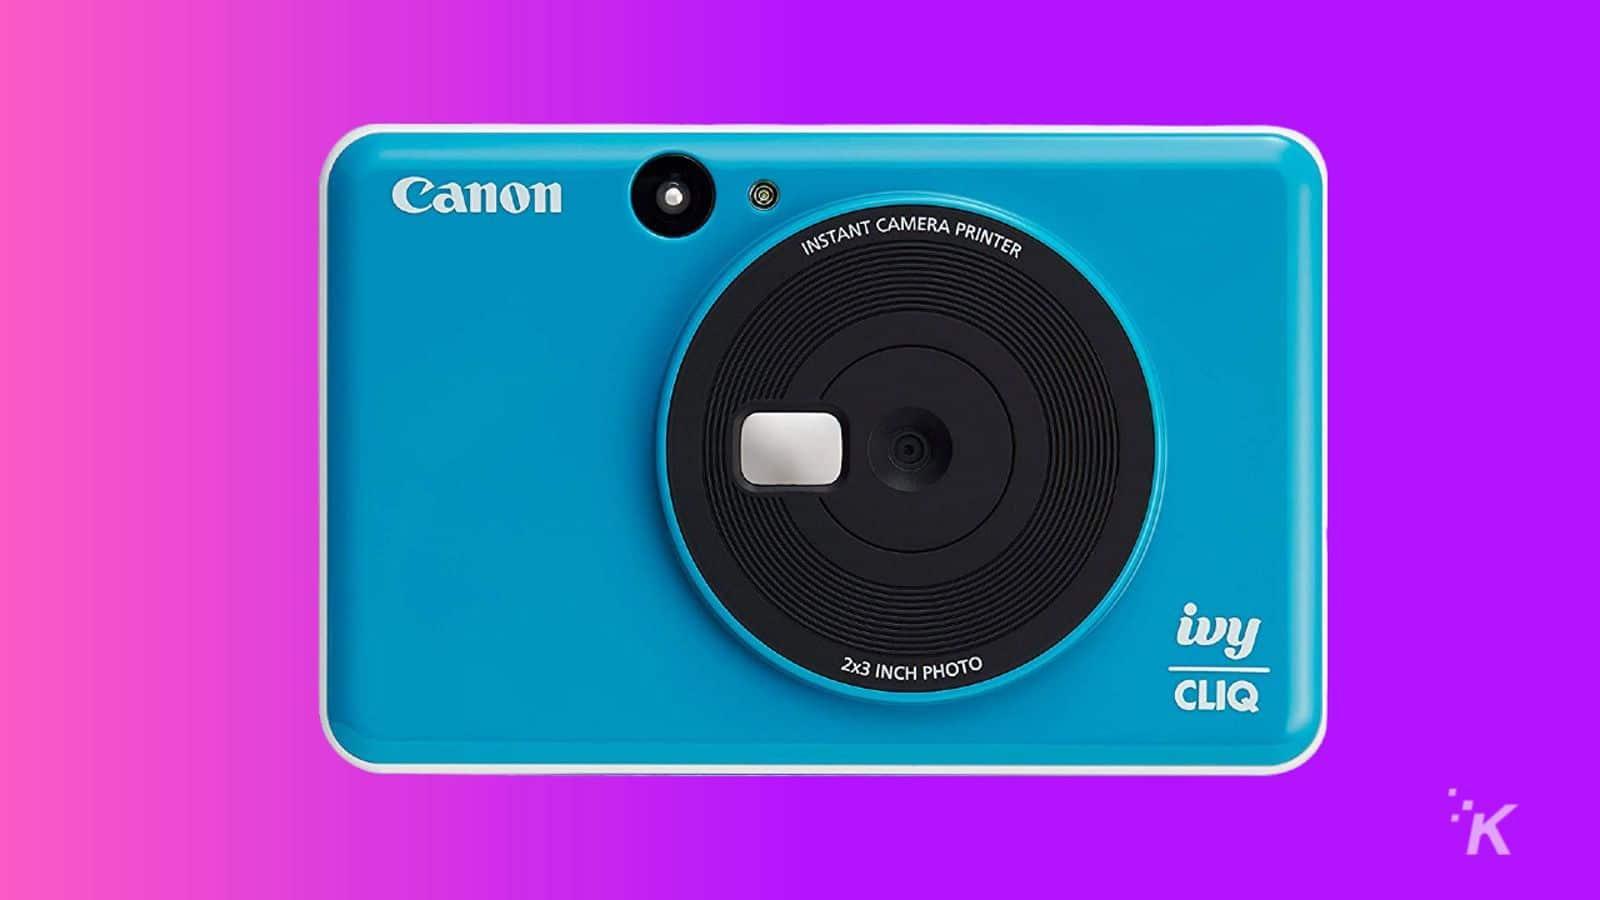 canon ivy cliq instant camera gift guide